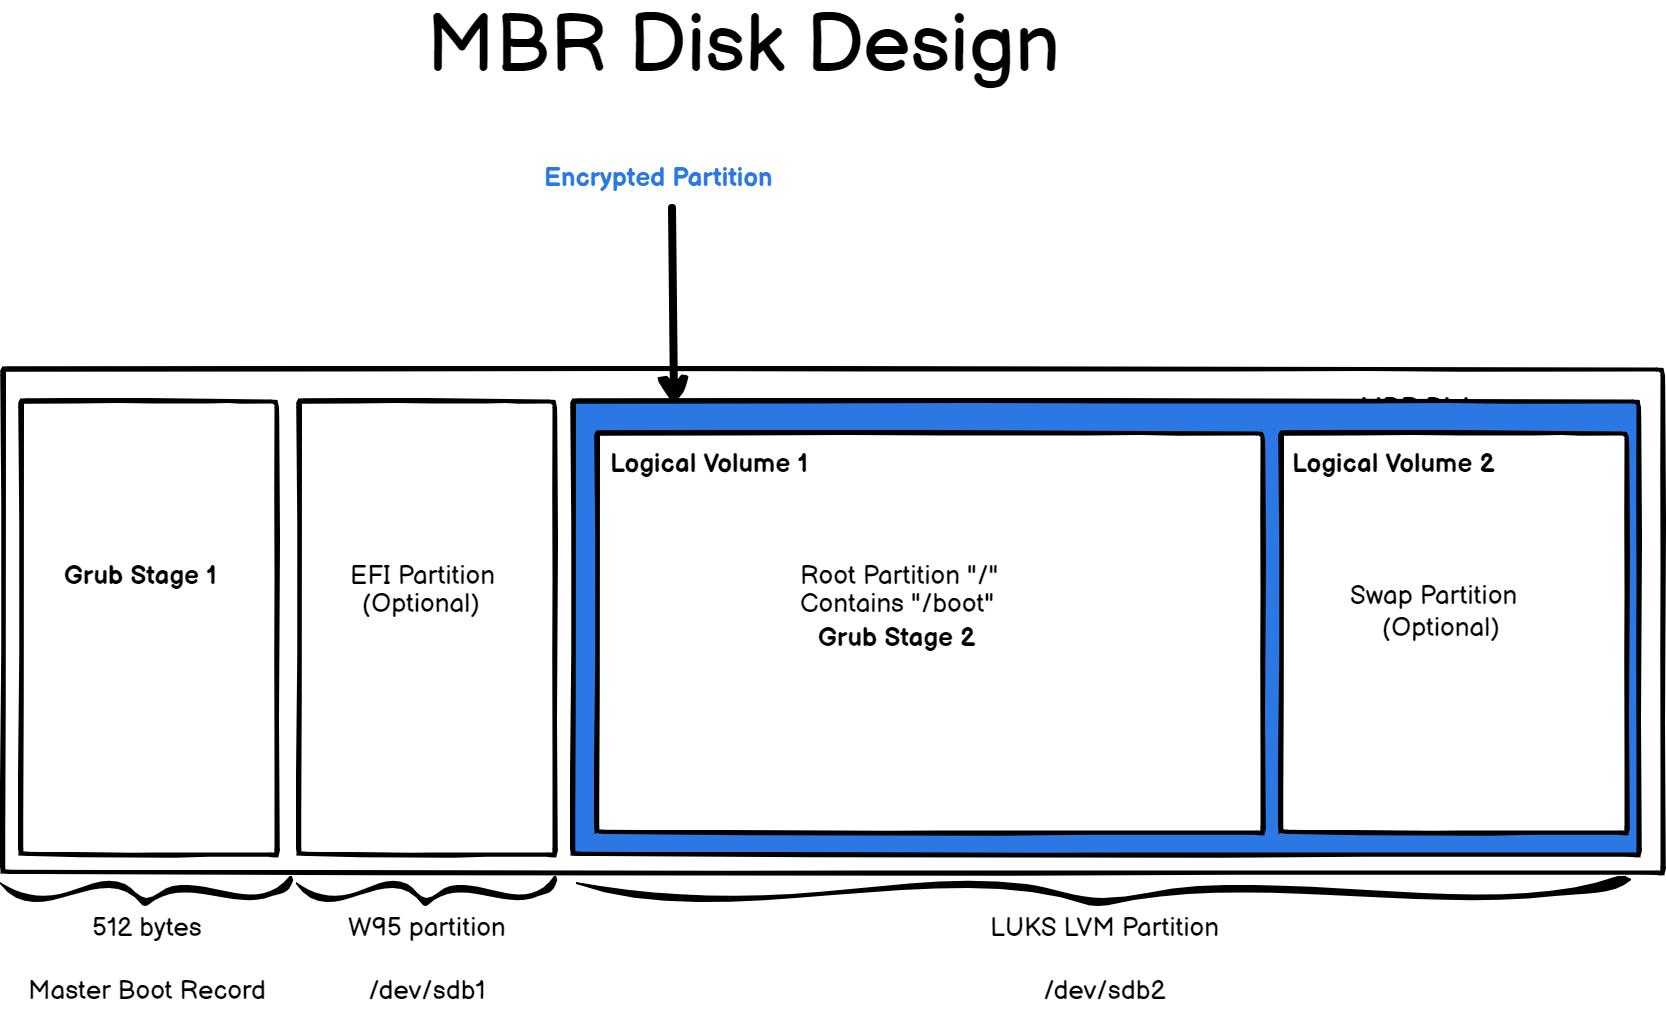 Design Hard Disk Layout mbr-disk-design